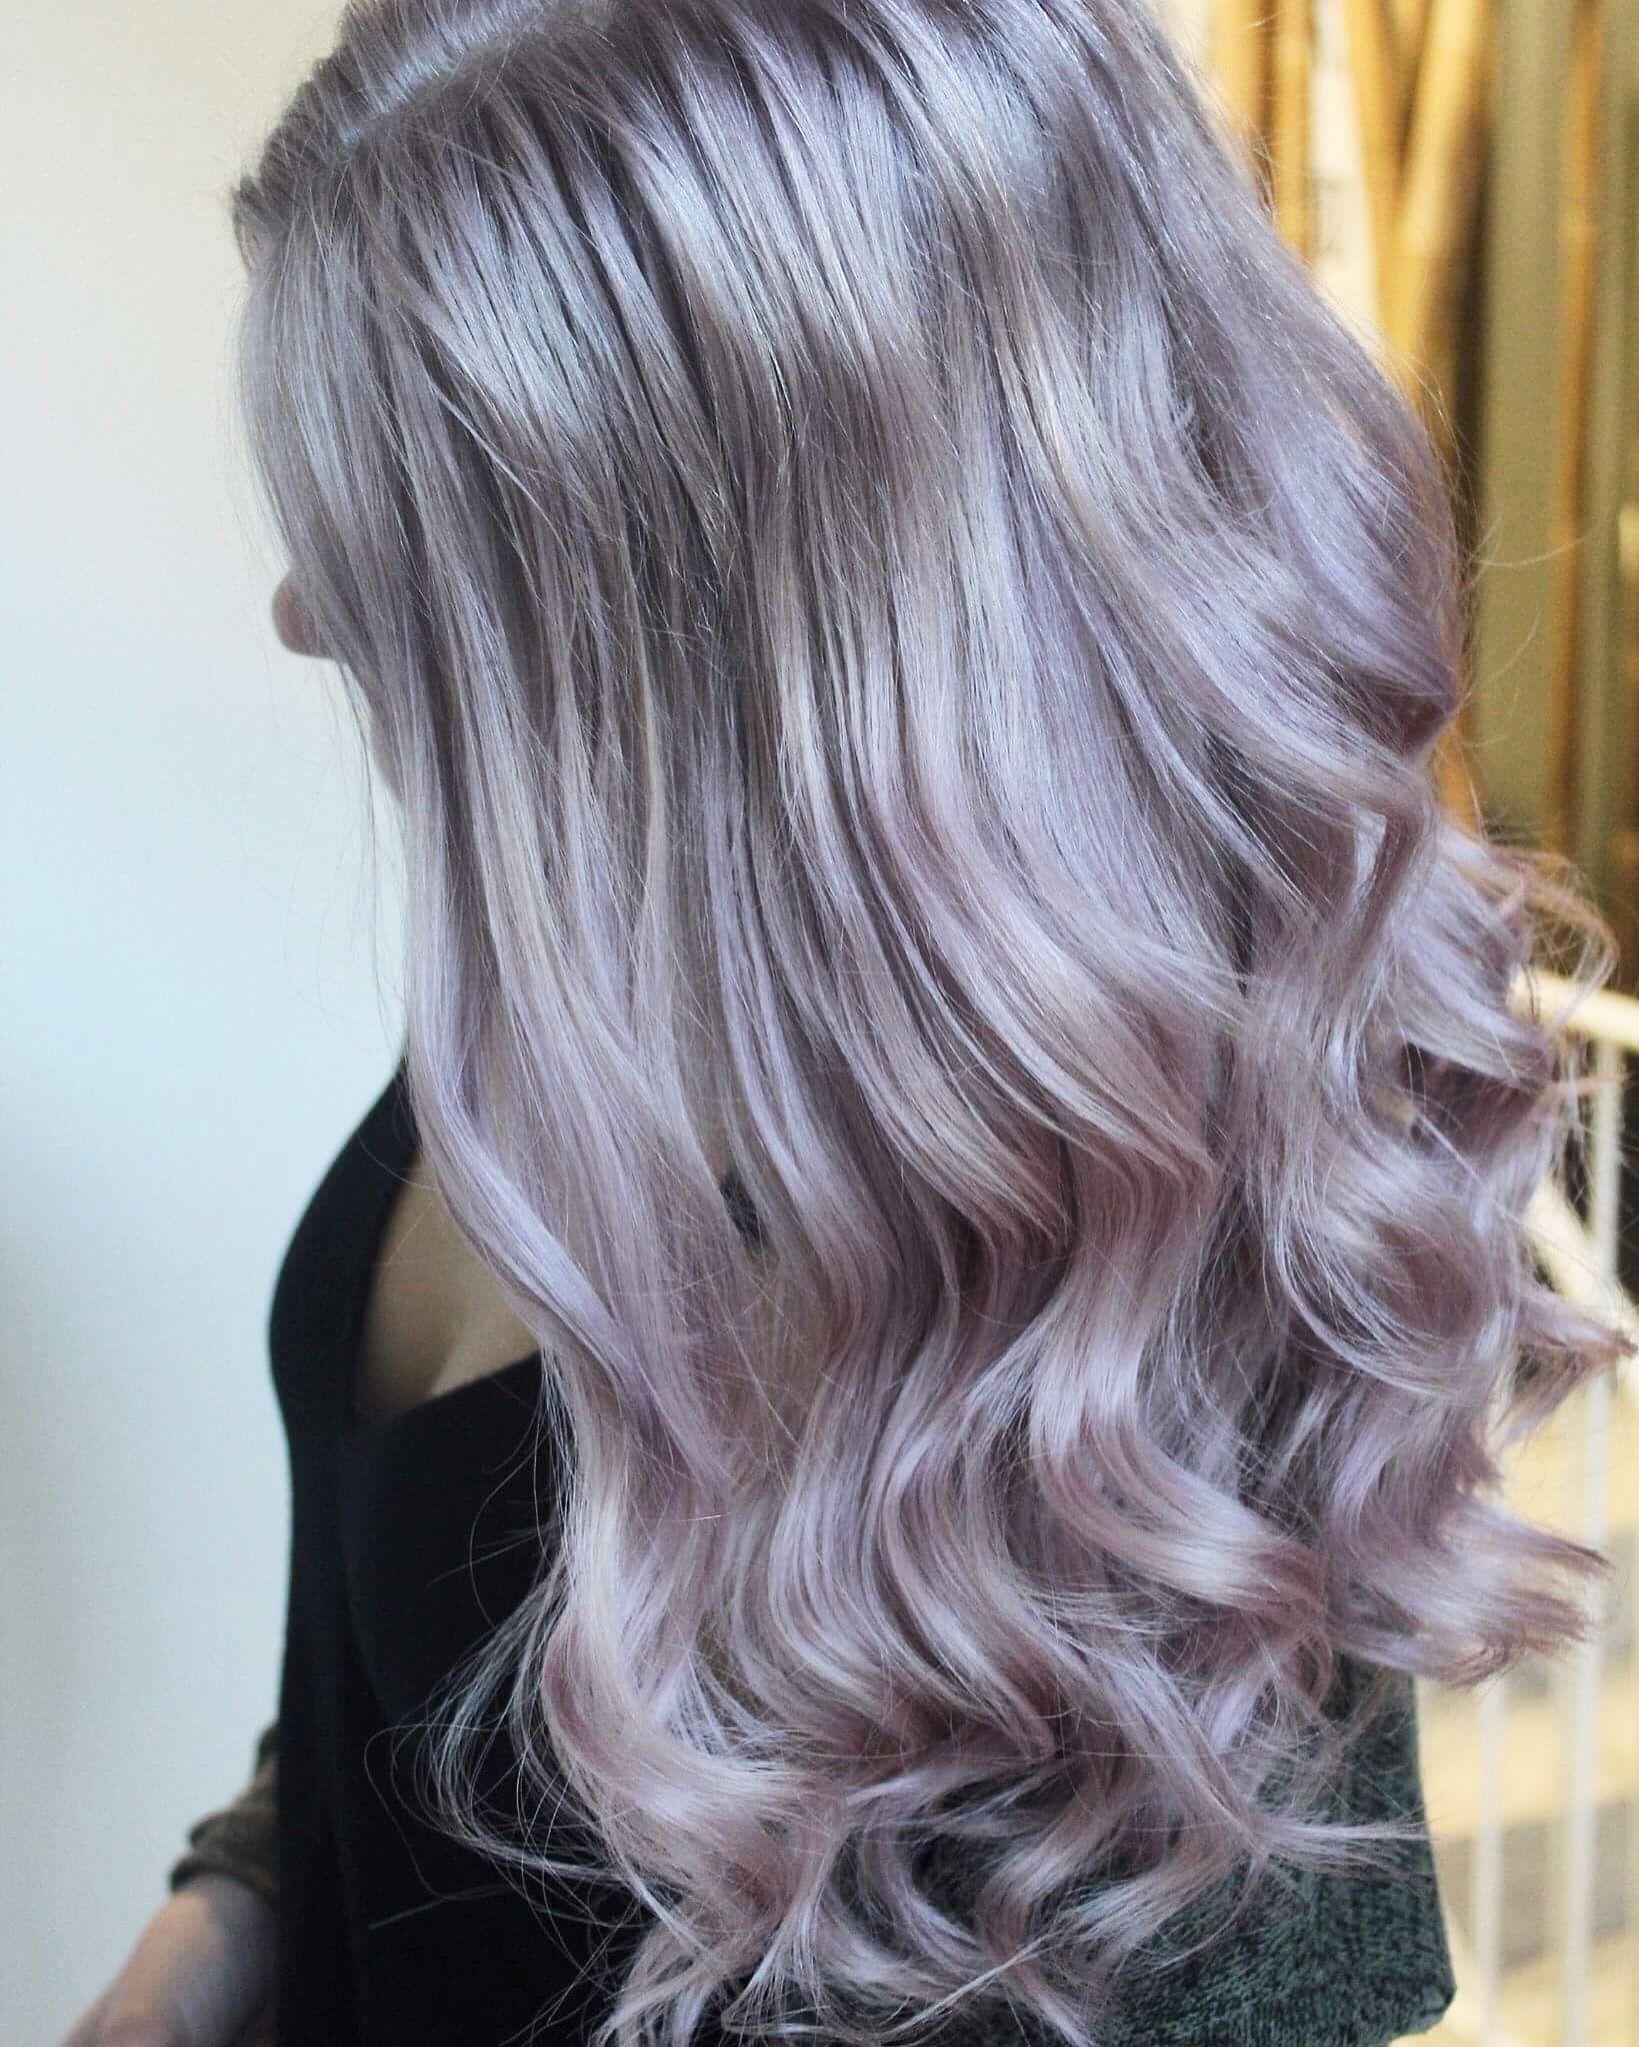 #hair #pastelhair #silverhair  Instagram:hairbyjessapple